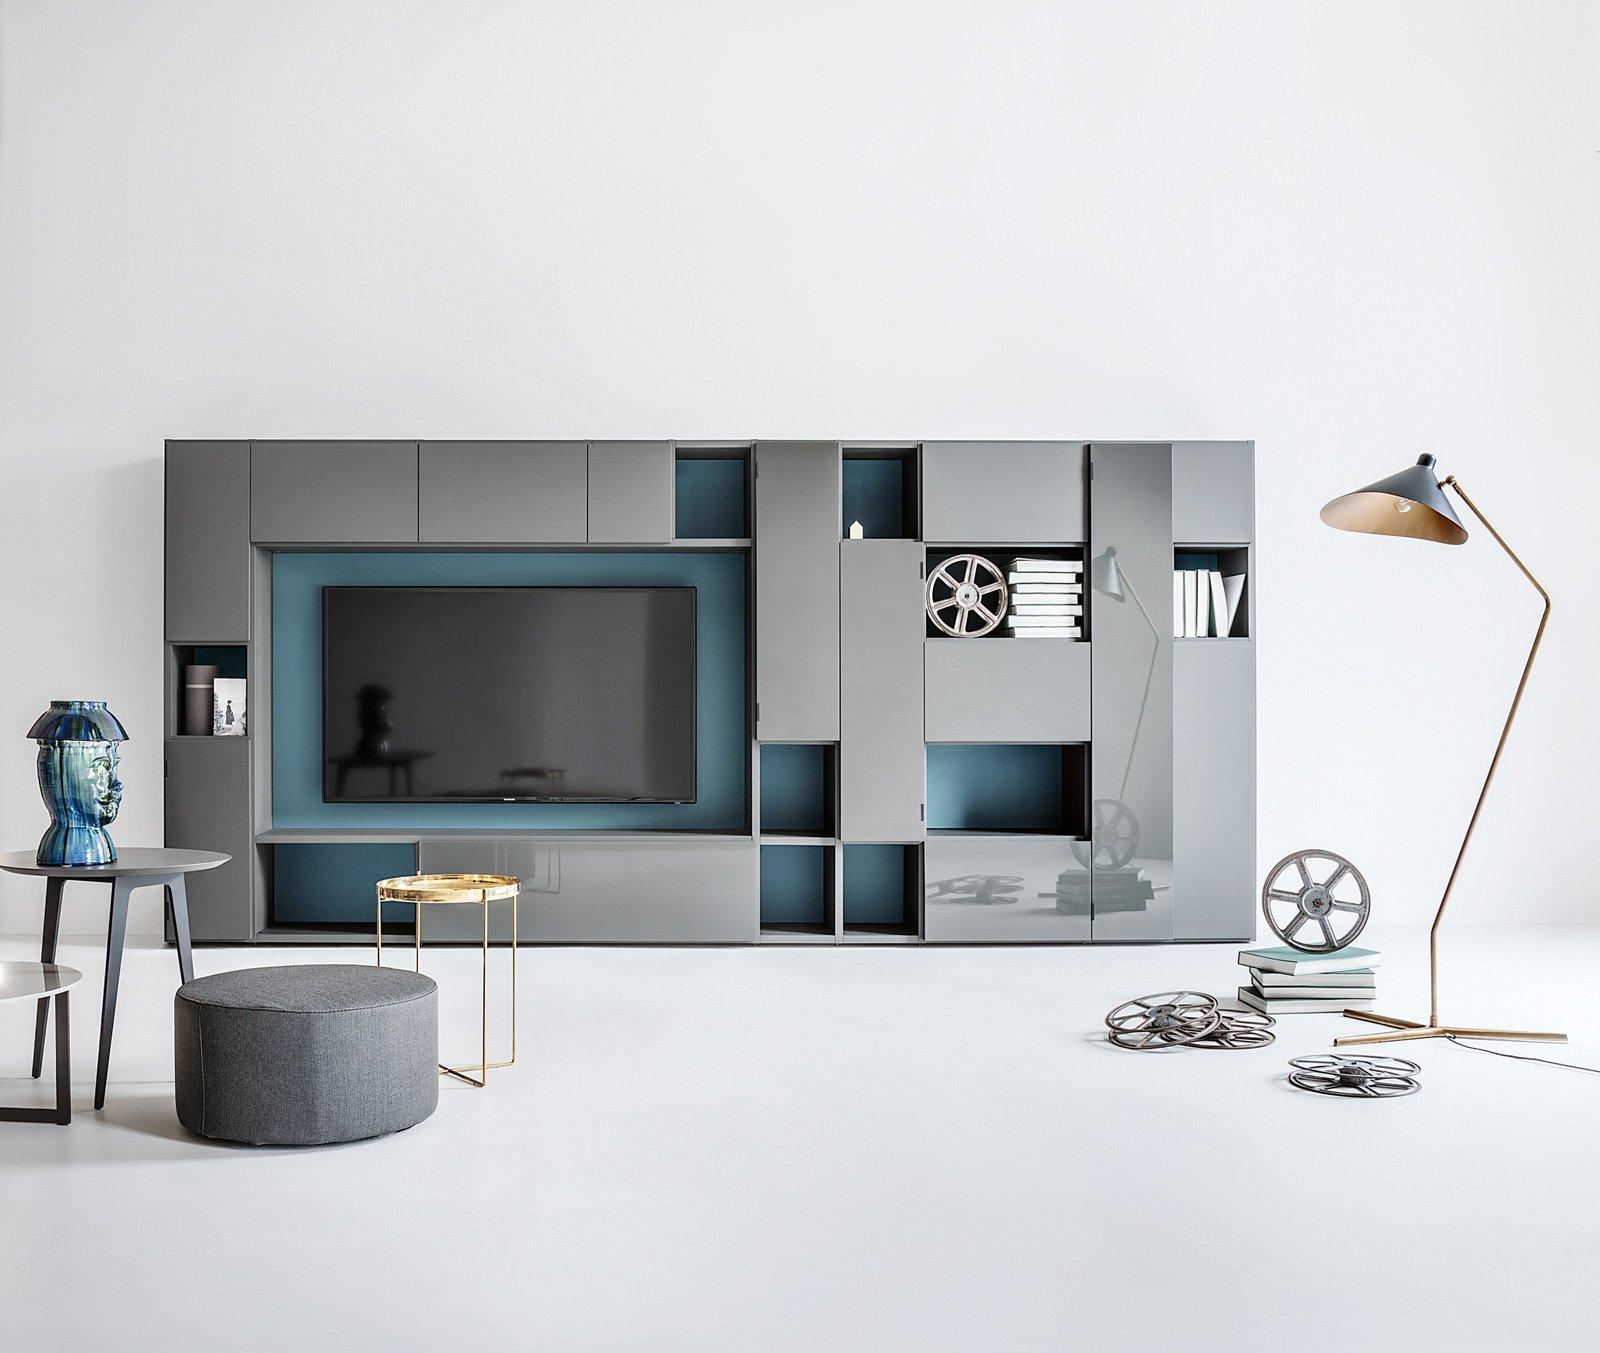 Librerie pareti attrezzate multifunzione cose di casa - Pareti attrezzate design ...